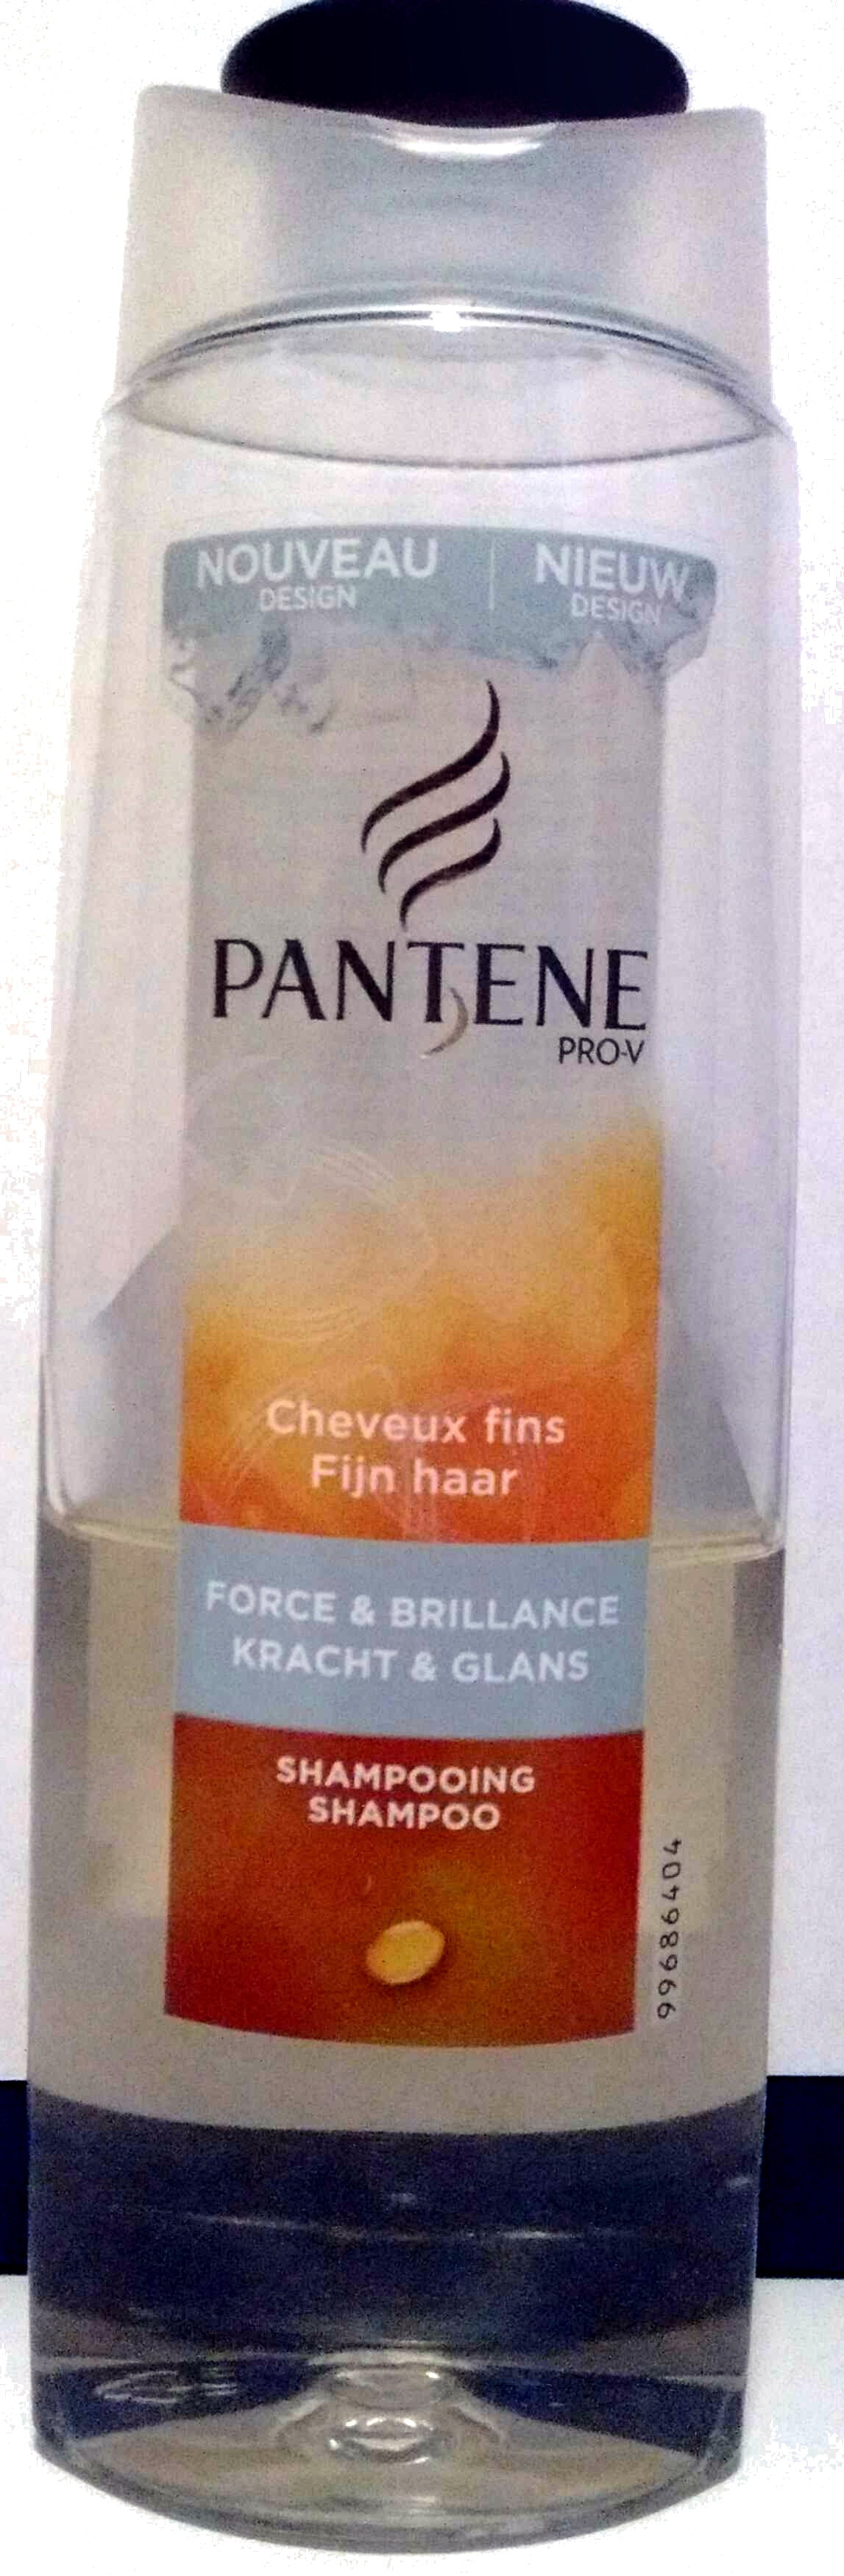 Cheveux fins Force & Brillance - Produit - fr